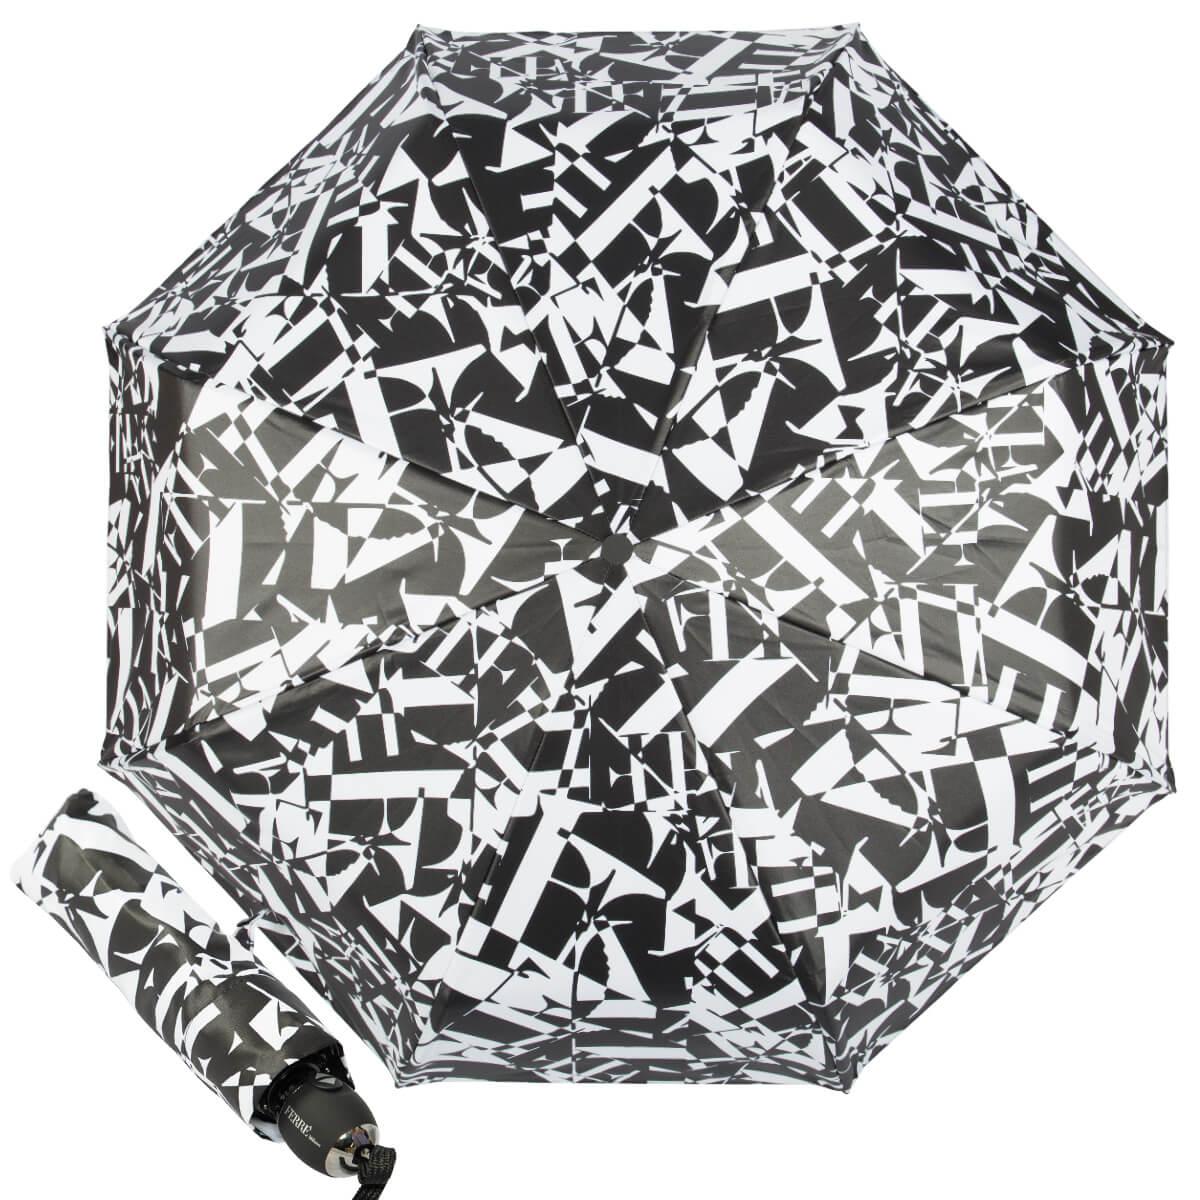 Брендовый женский зонт Ferre, складной автоматический, легкий, стильный купить в интернет магазине в Москве